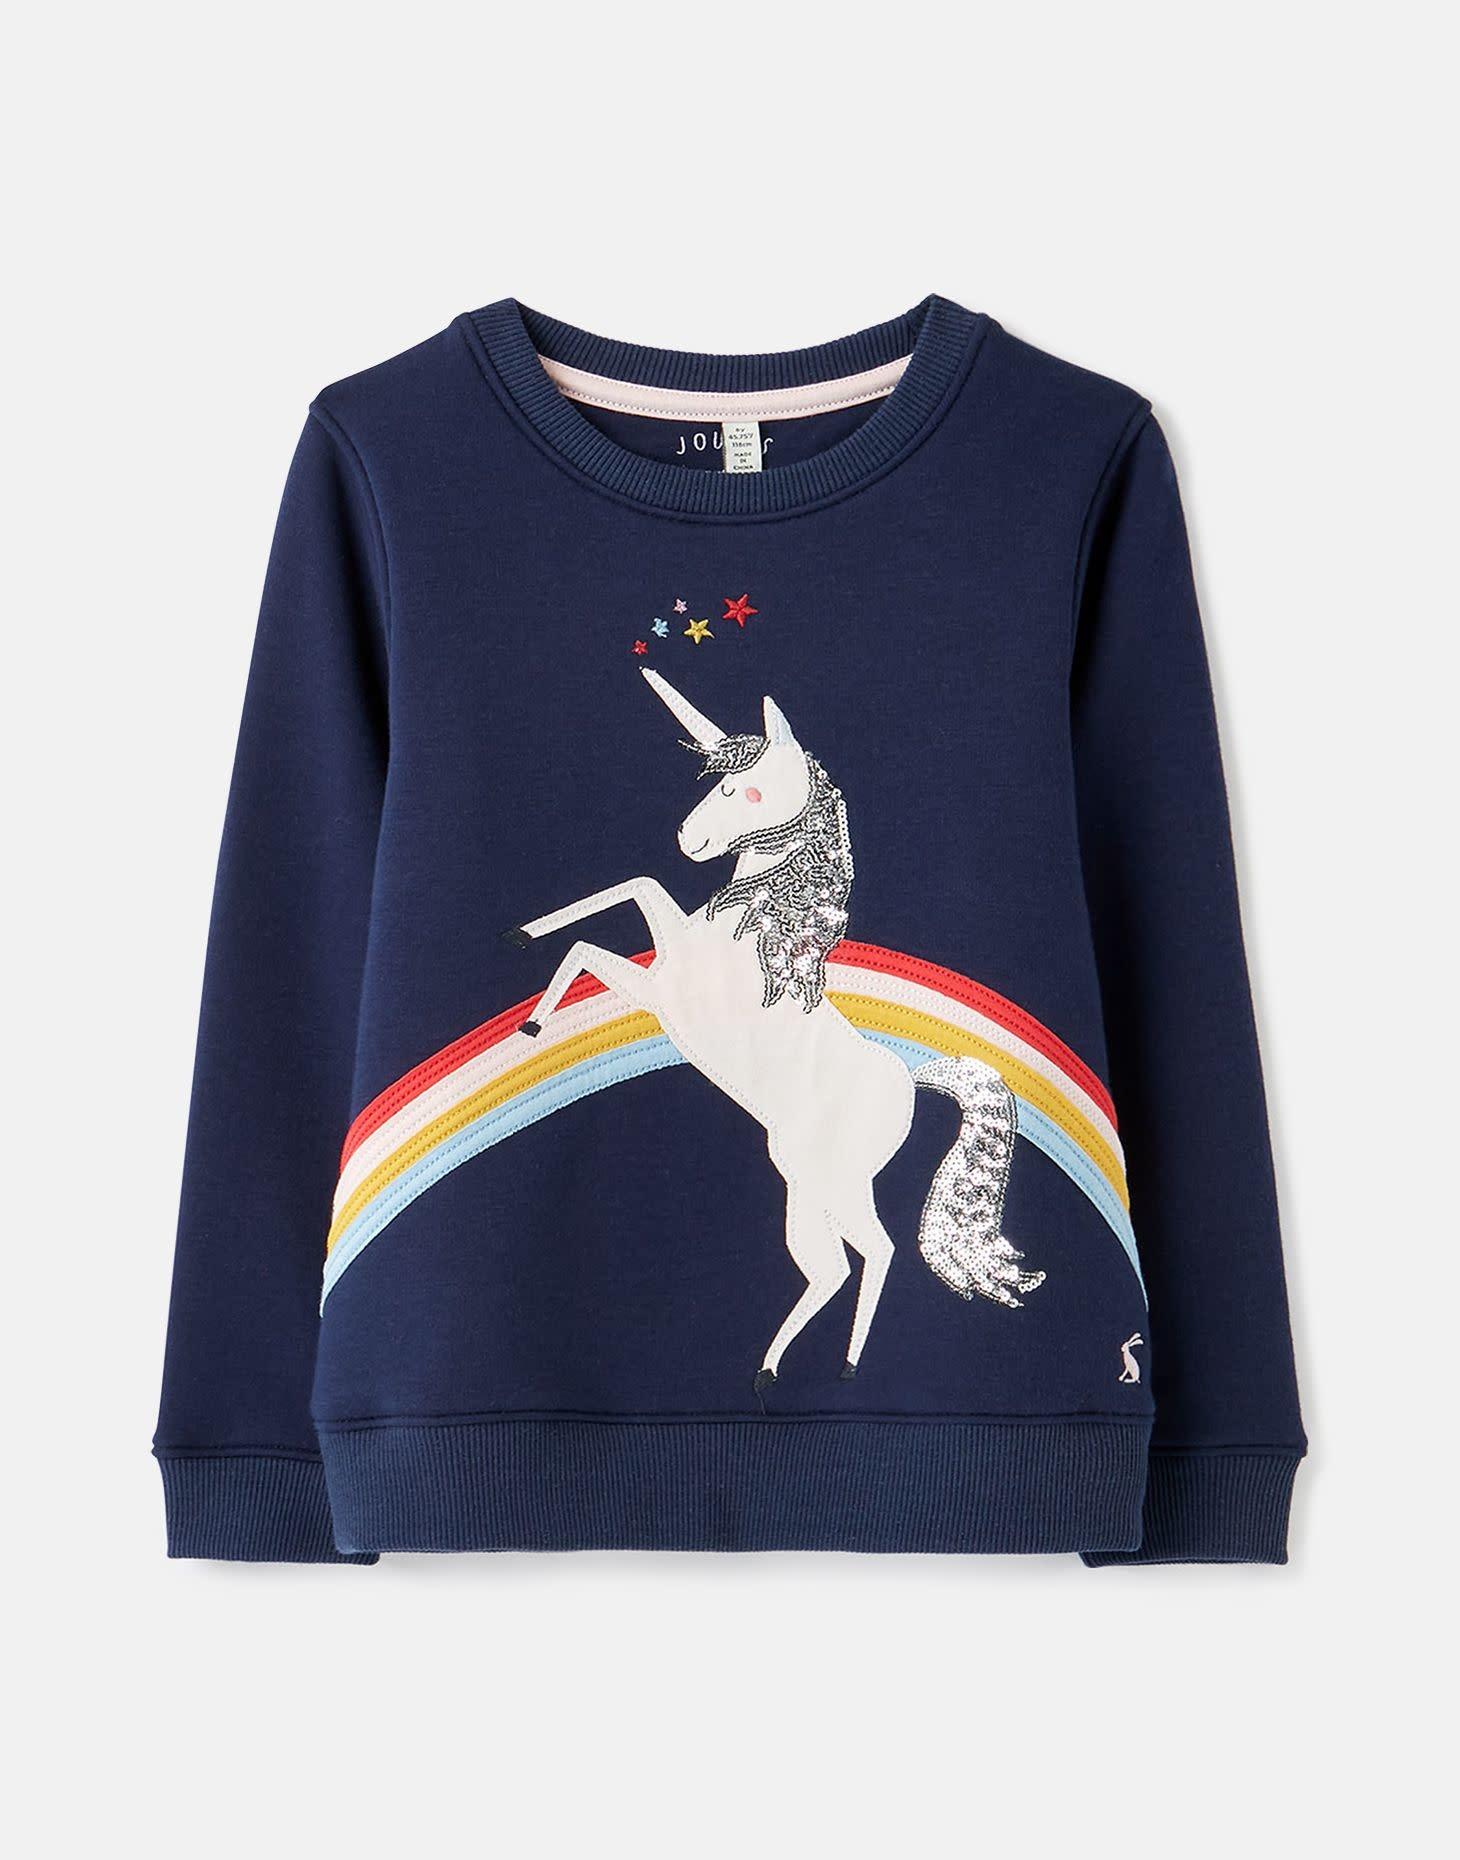 Joules Mackenzie Unicorn Sweatshirt